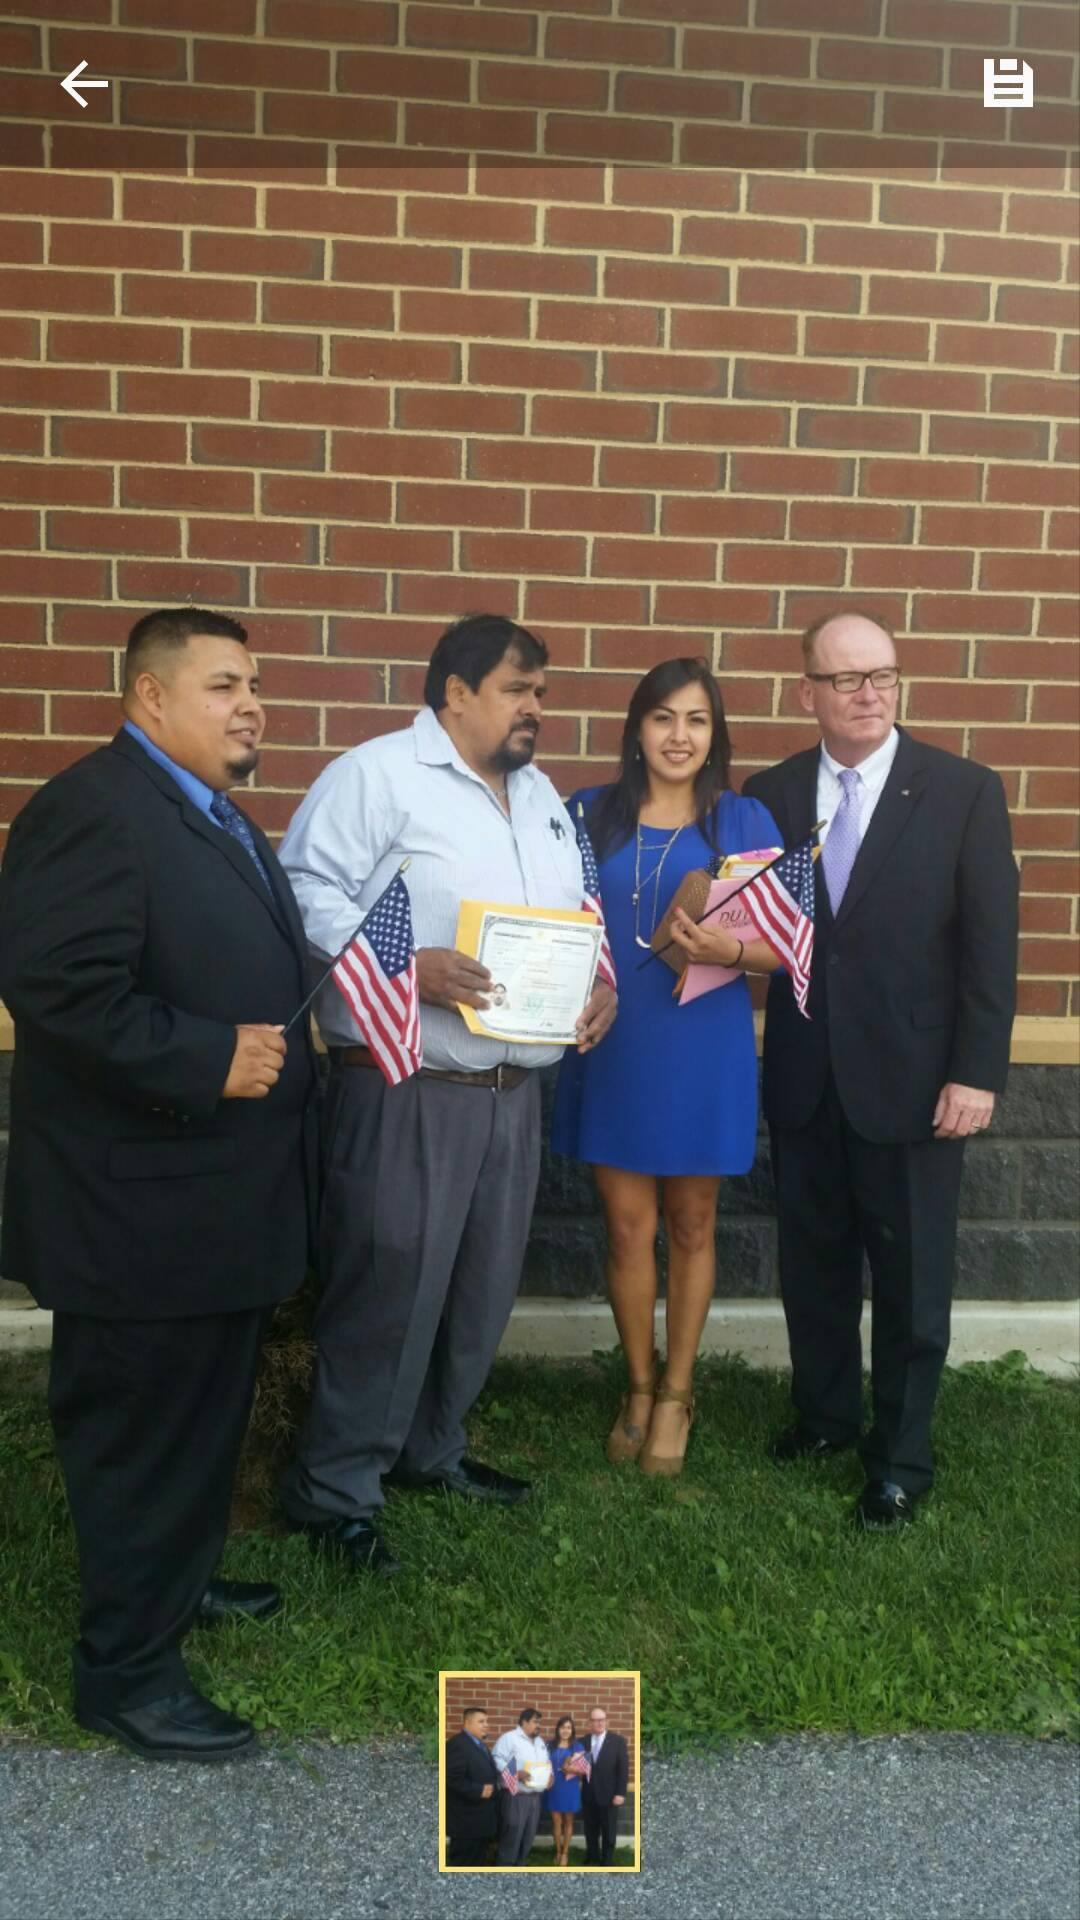 <div>Parte de la familia Rodr&iacute;guez se hizo ciudadana estadounidense el mismo d&iacute;a, de izquierda a derecha: Erick (sobrino de Humberto), Humberto y Karla (hija de Humberto), junto al alcalde de Poughkeepsie, Rob Rolison.</div>